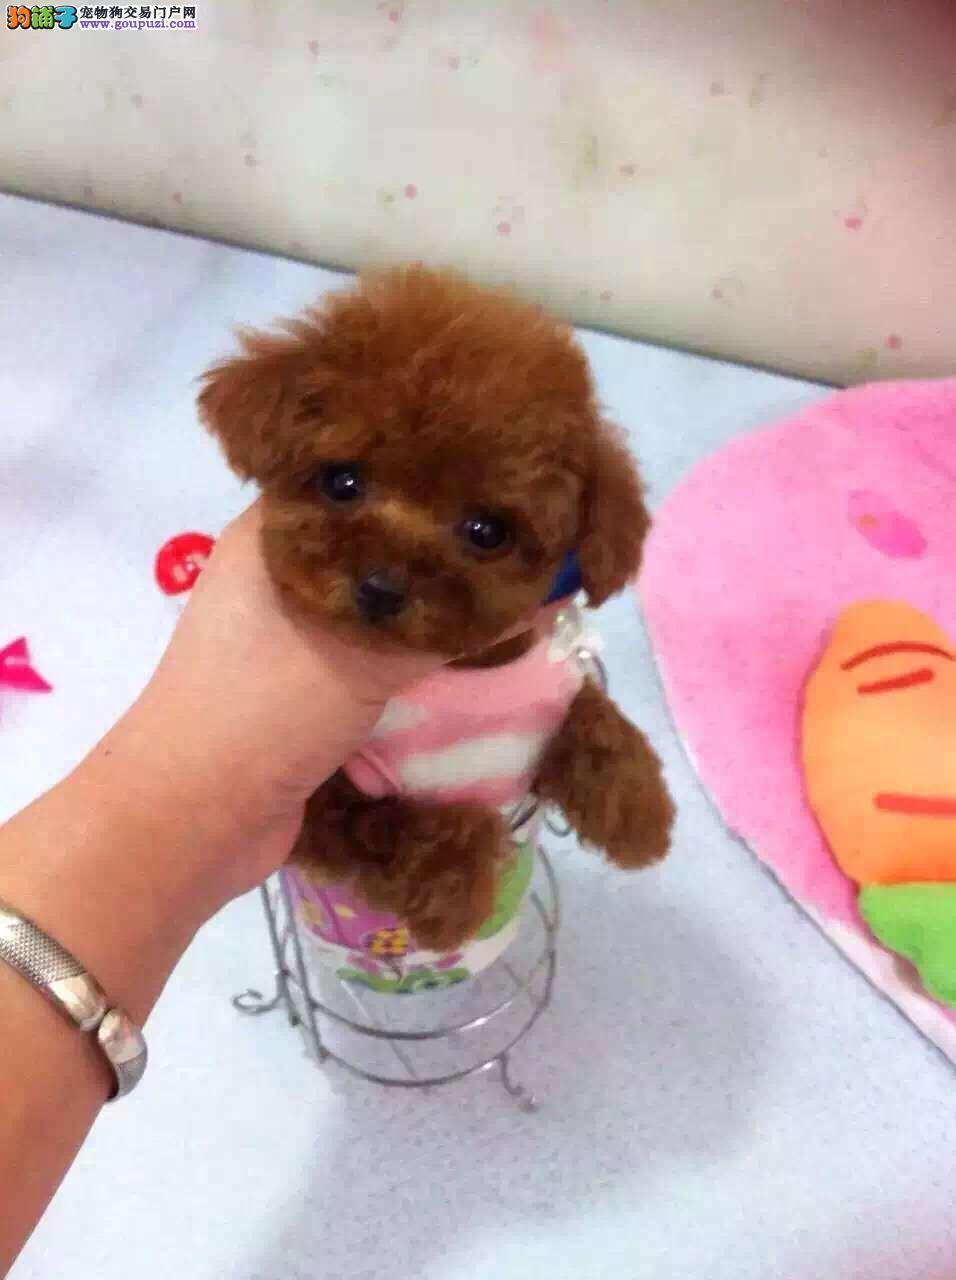 可爱萌萌哒泰迪熊可24小时视频看实物